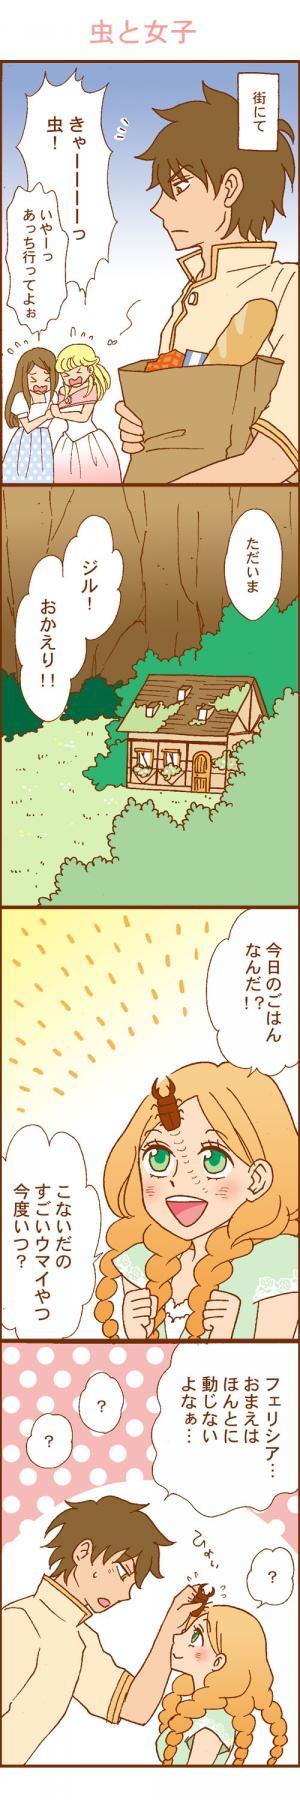 虫と女子_convert_20120813171418